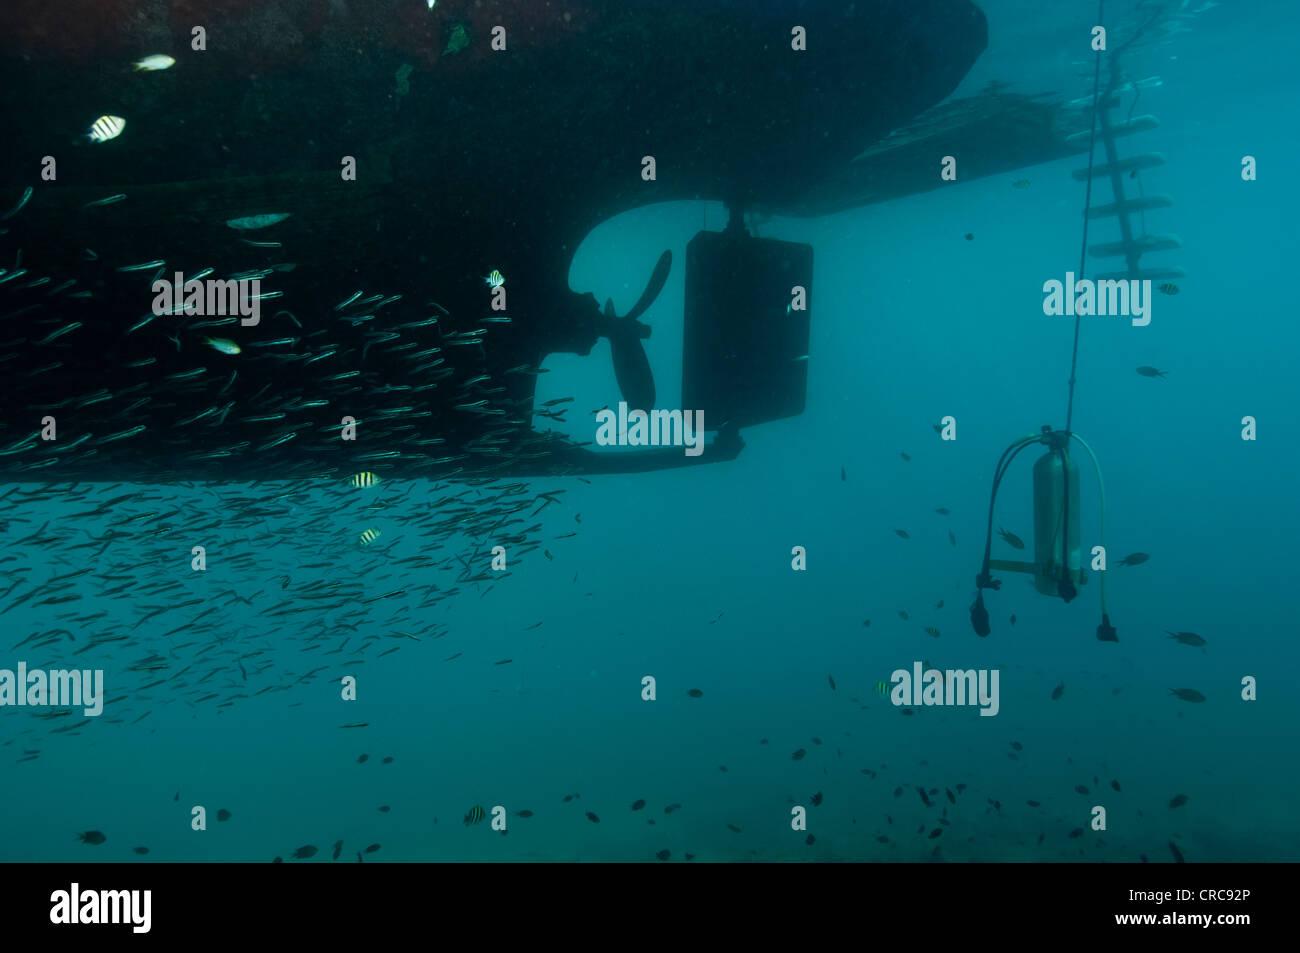 Unterwasser Foto von Dive Boot Propeller mit Tauchflasche hängen unter Stockbild